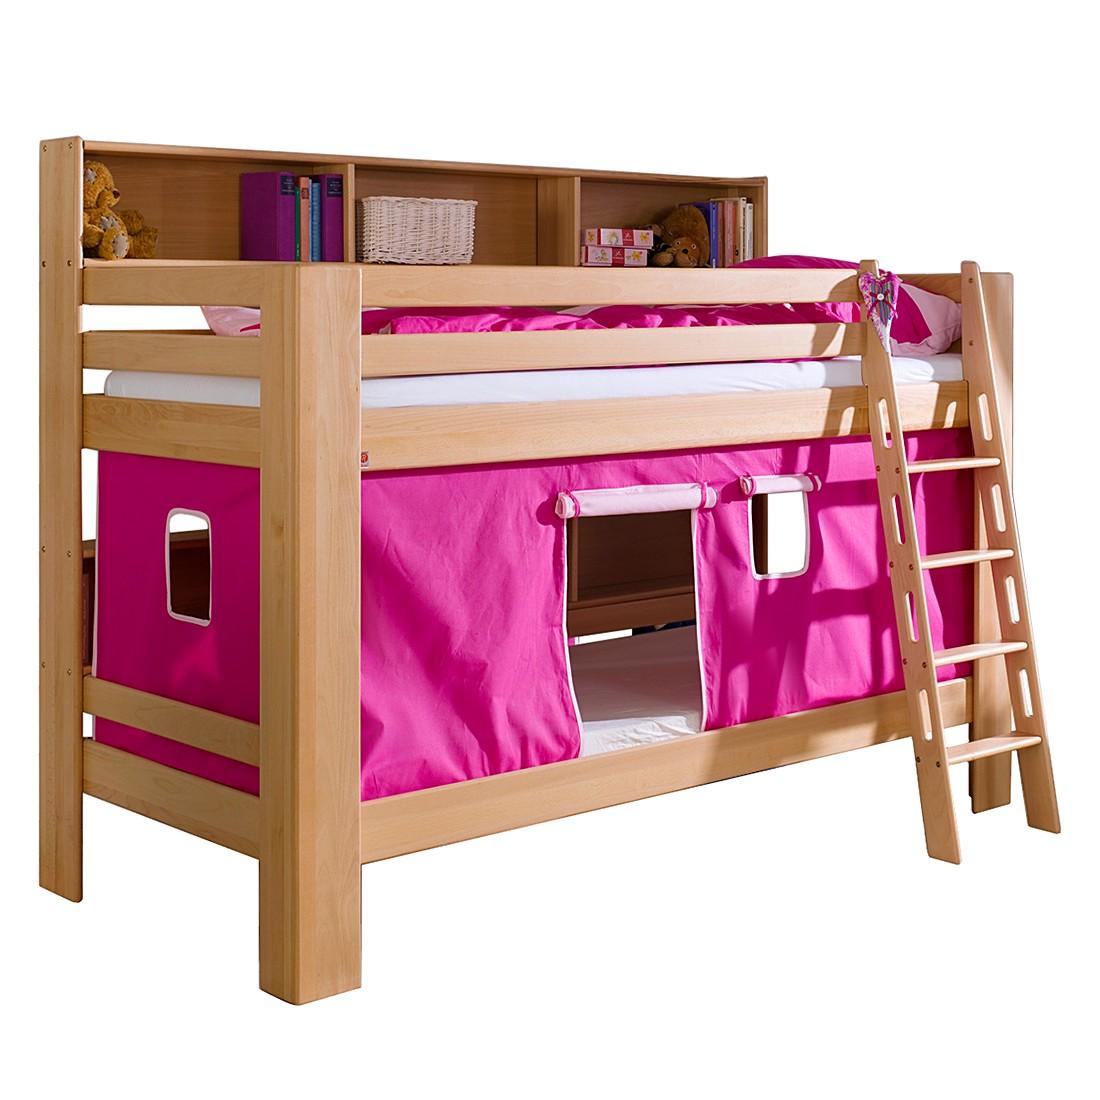 Etagenbett Jan – Buche massiv – Vorhang Pink/Rosa, Relita jetzt kaufen